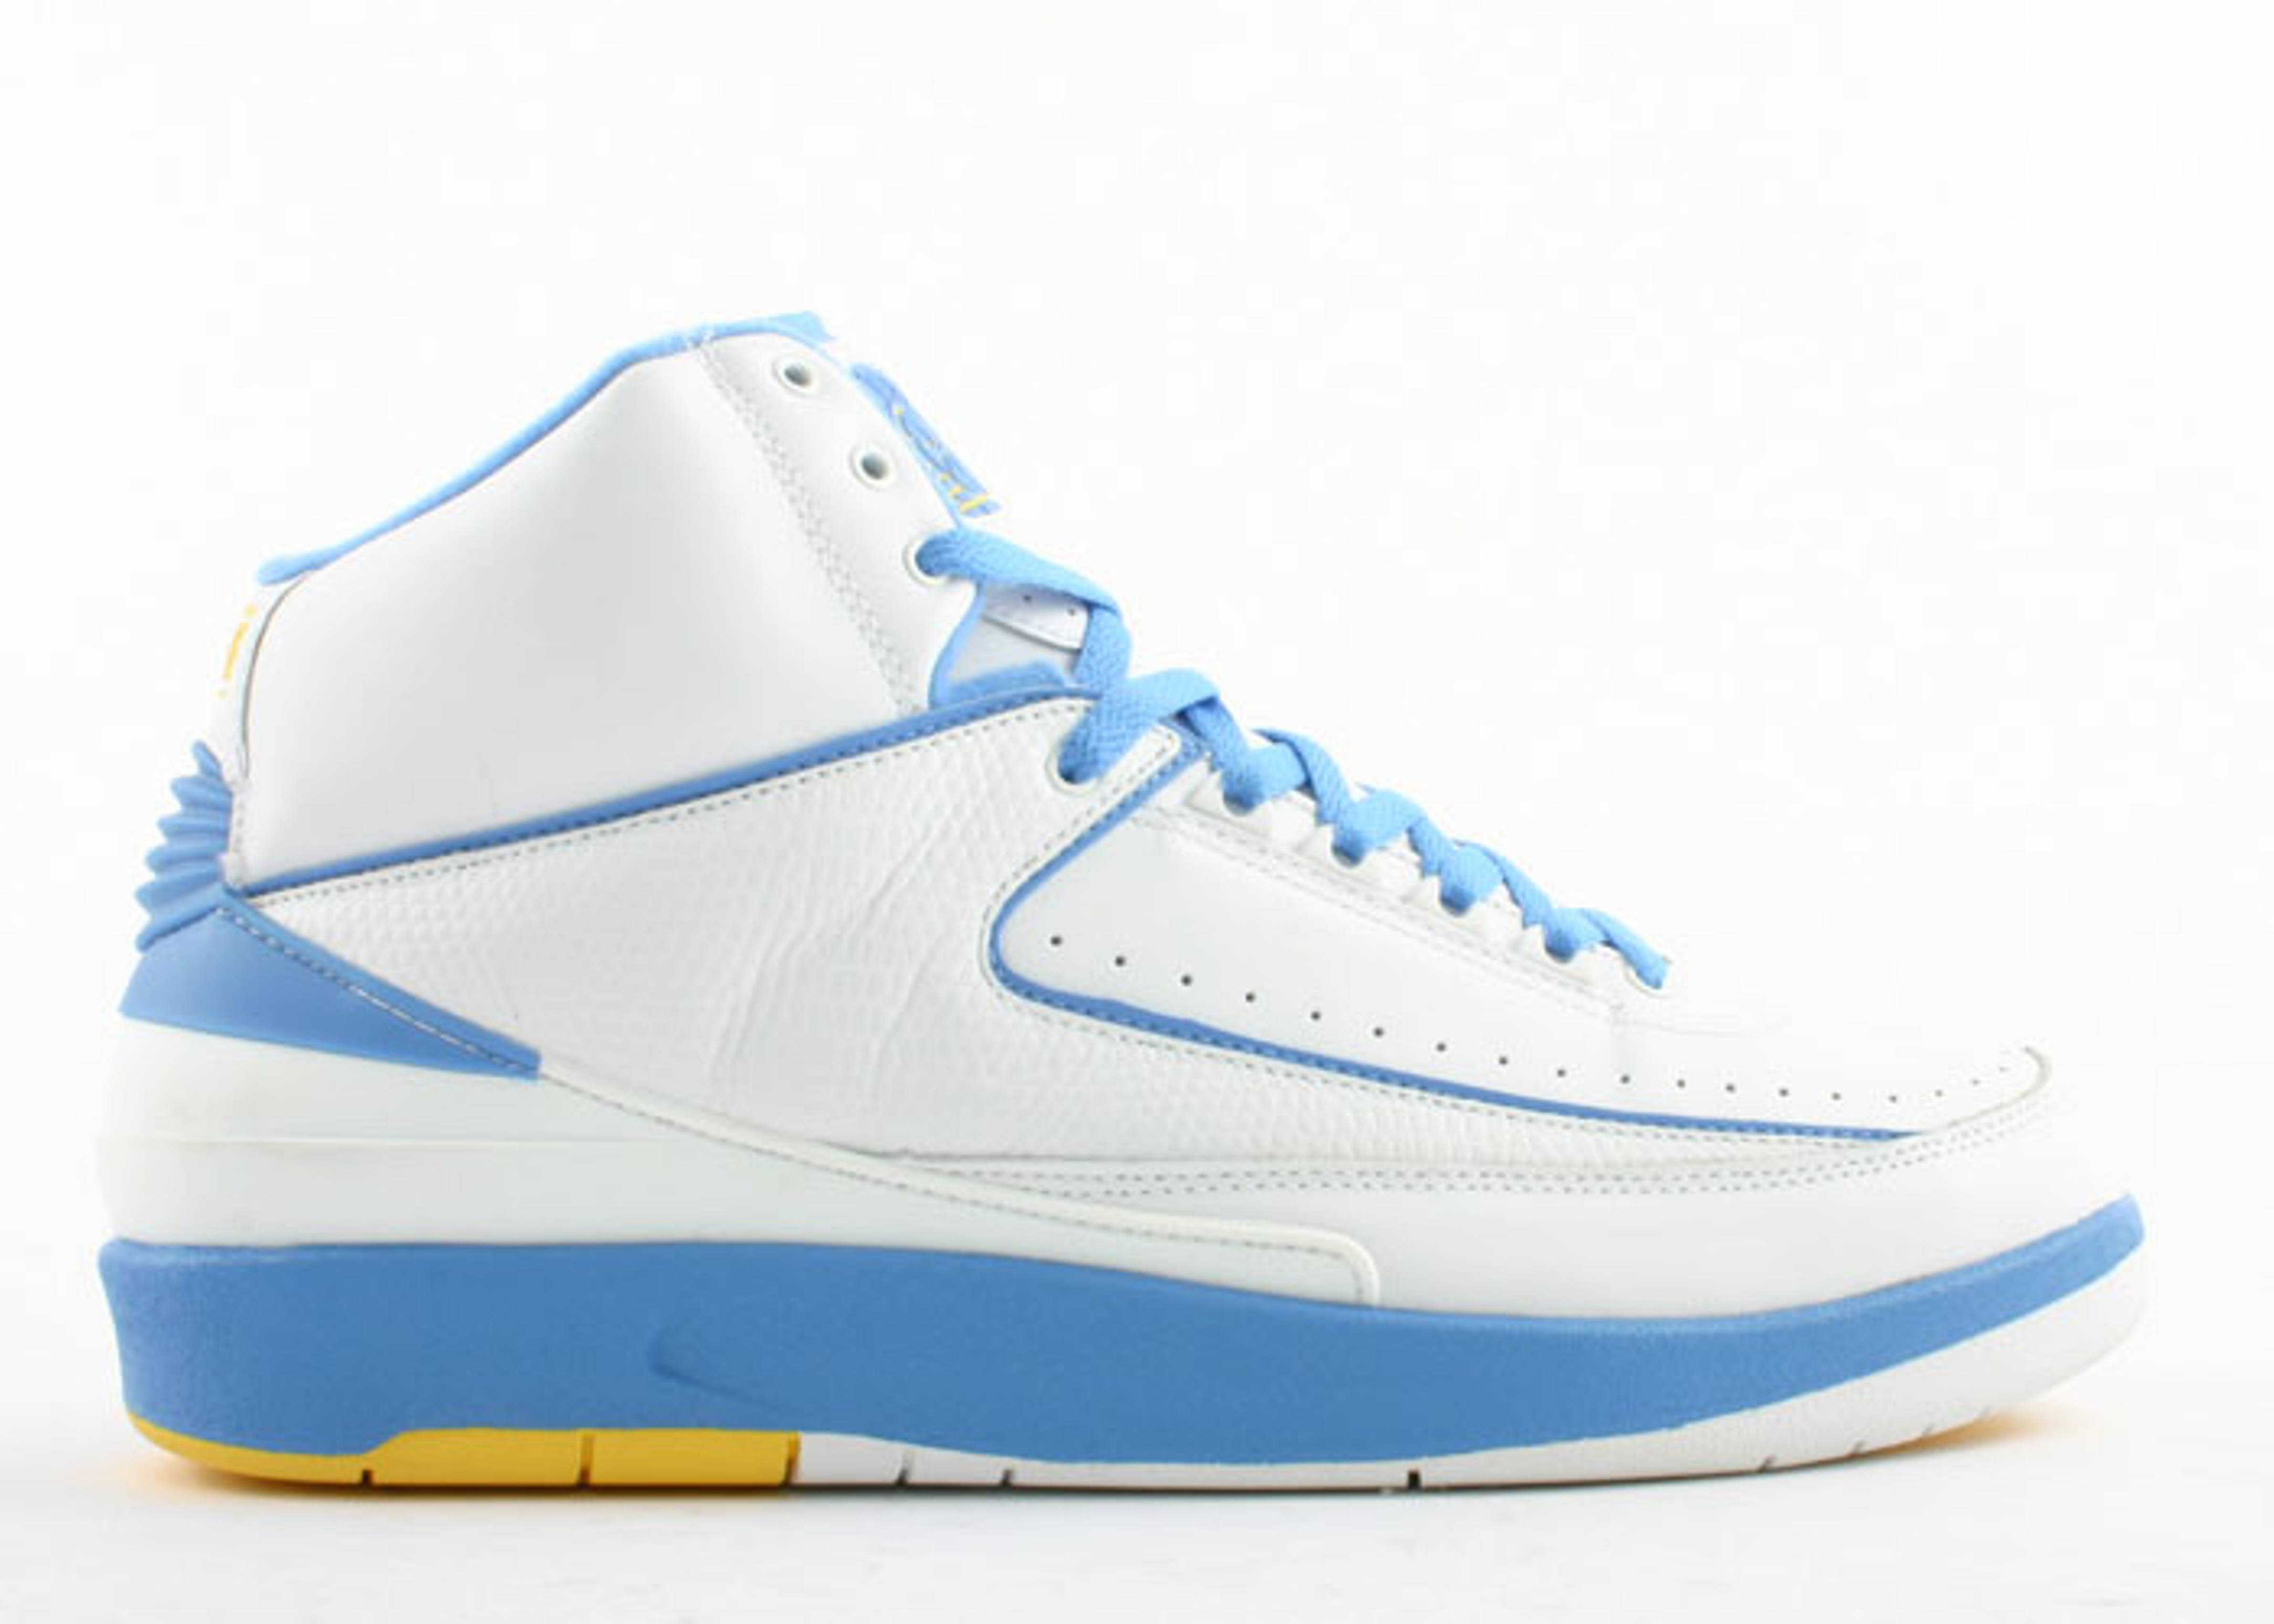 new styles b82fa 62564 Air Jordan 2 Retro